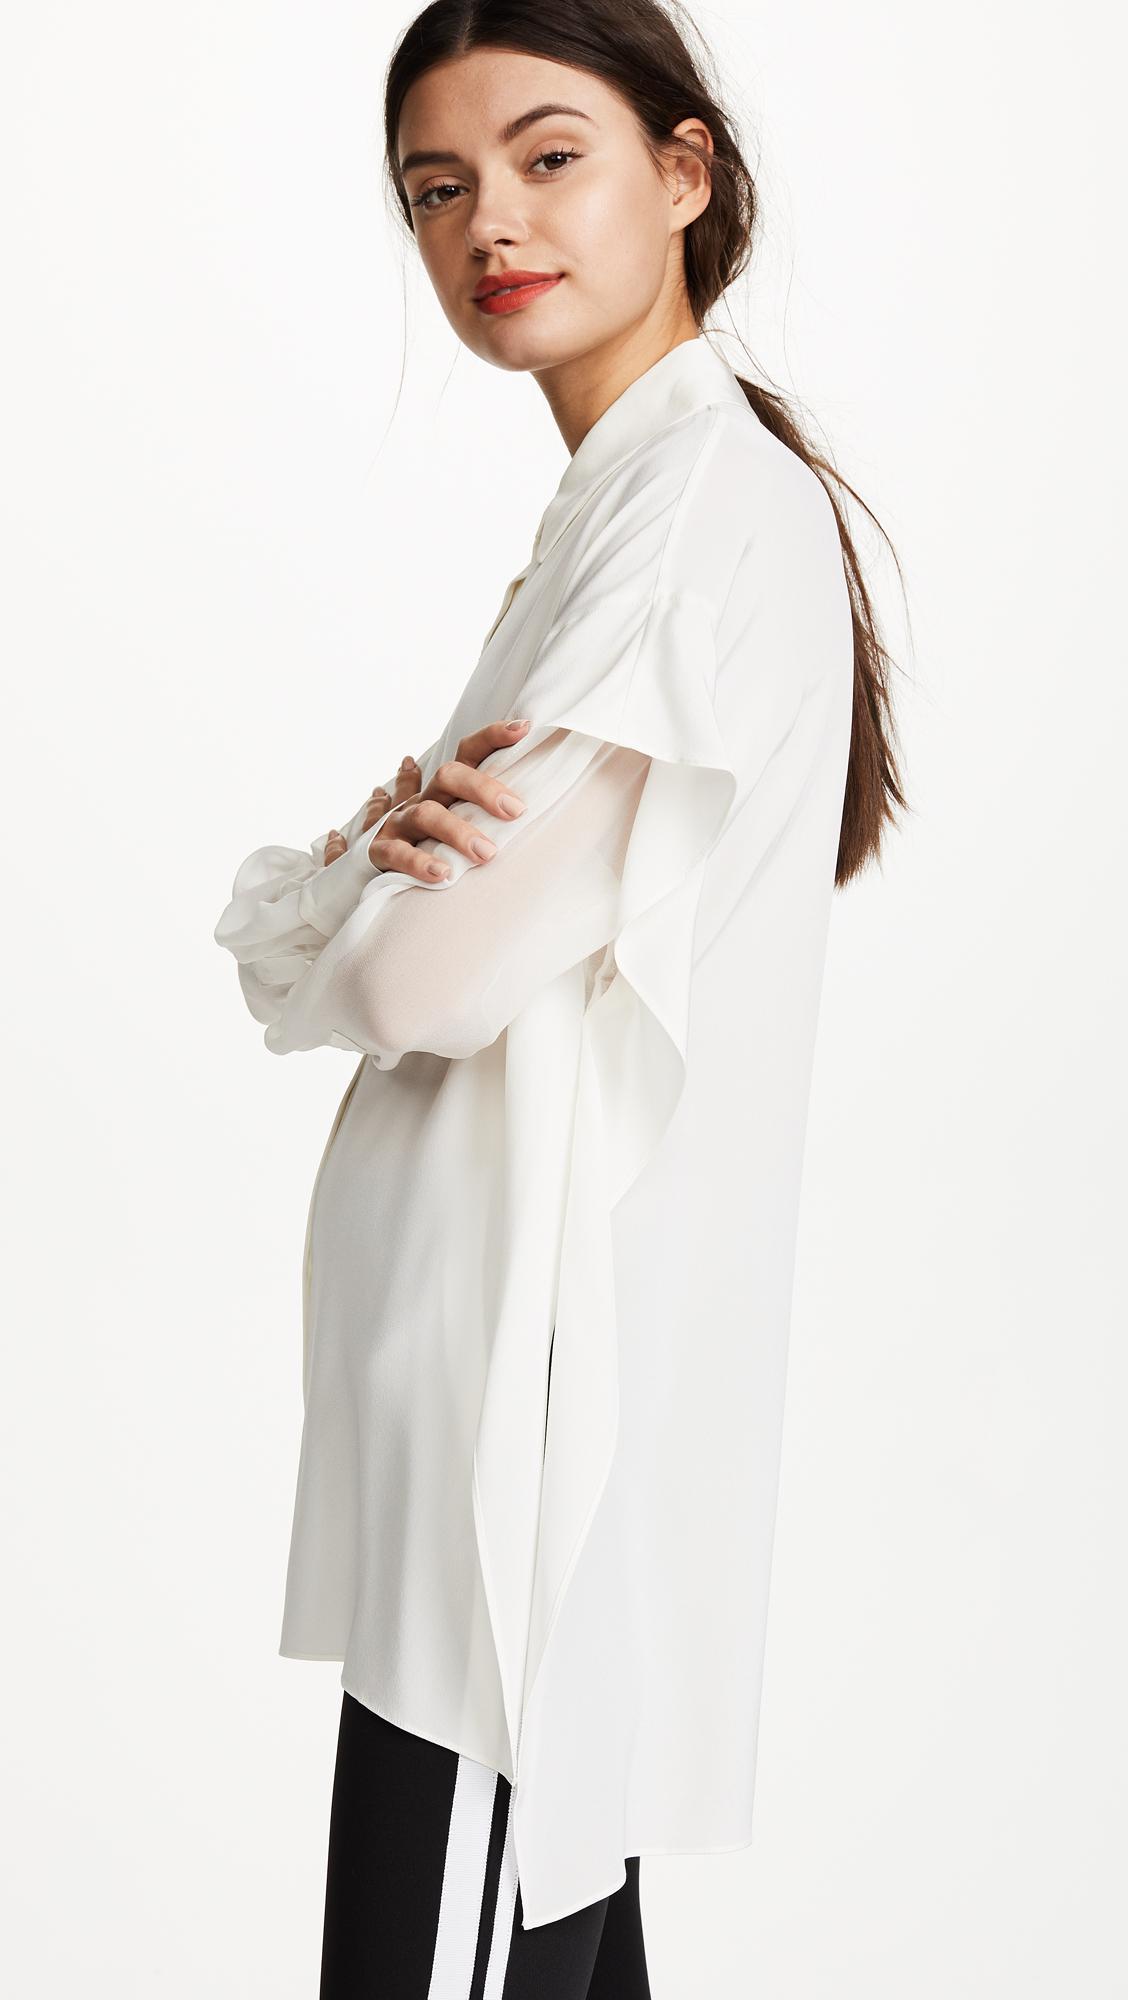 Lyst diane von furstenberg button shirt in white for Diane von furstenberg shirt